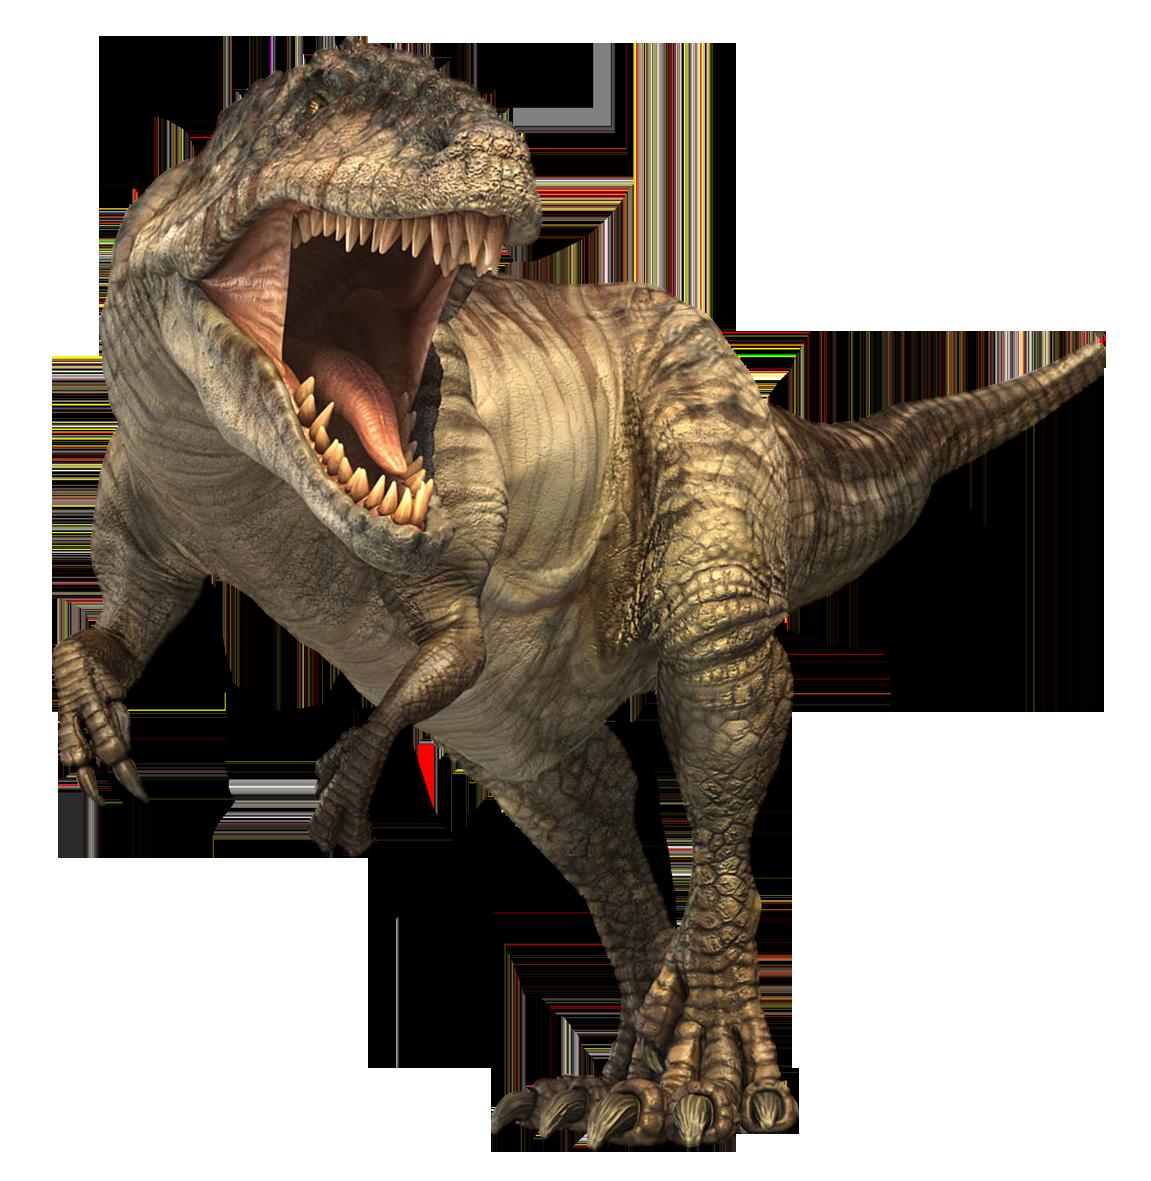 Debido Al Ataque De Los Dinosaurios La Seleccion Natural Actua Y Nos Convertimos En Seres Muchos Mas Peque Dinosaurios Imagenes Dinosaurios Rex Dinosaurio Png